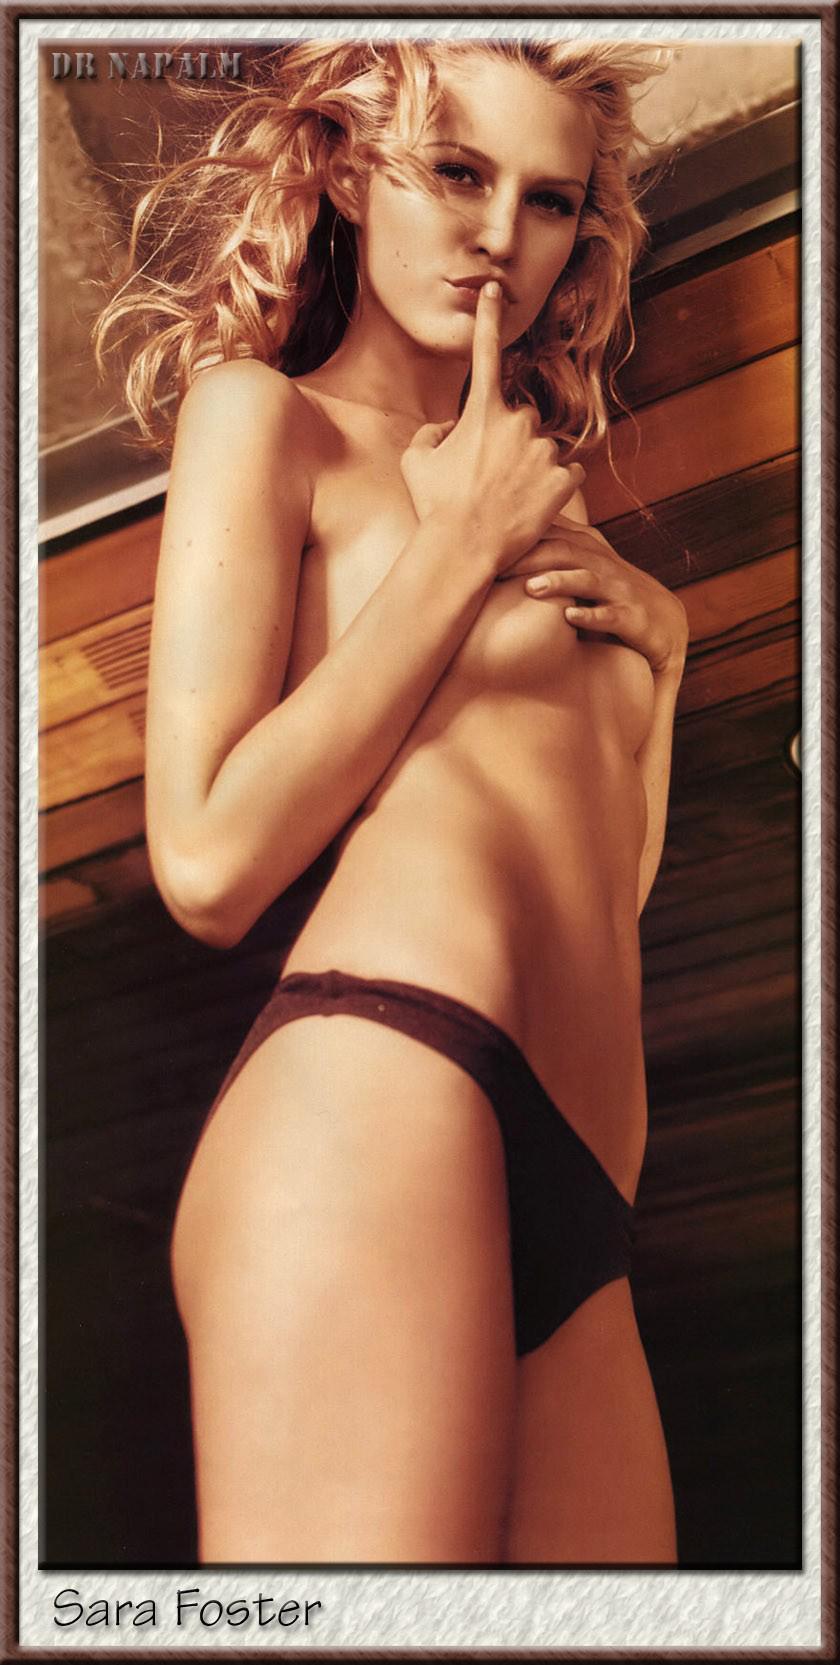 peyton roi naked image